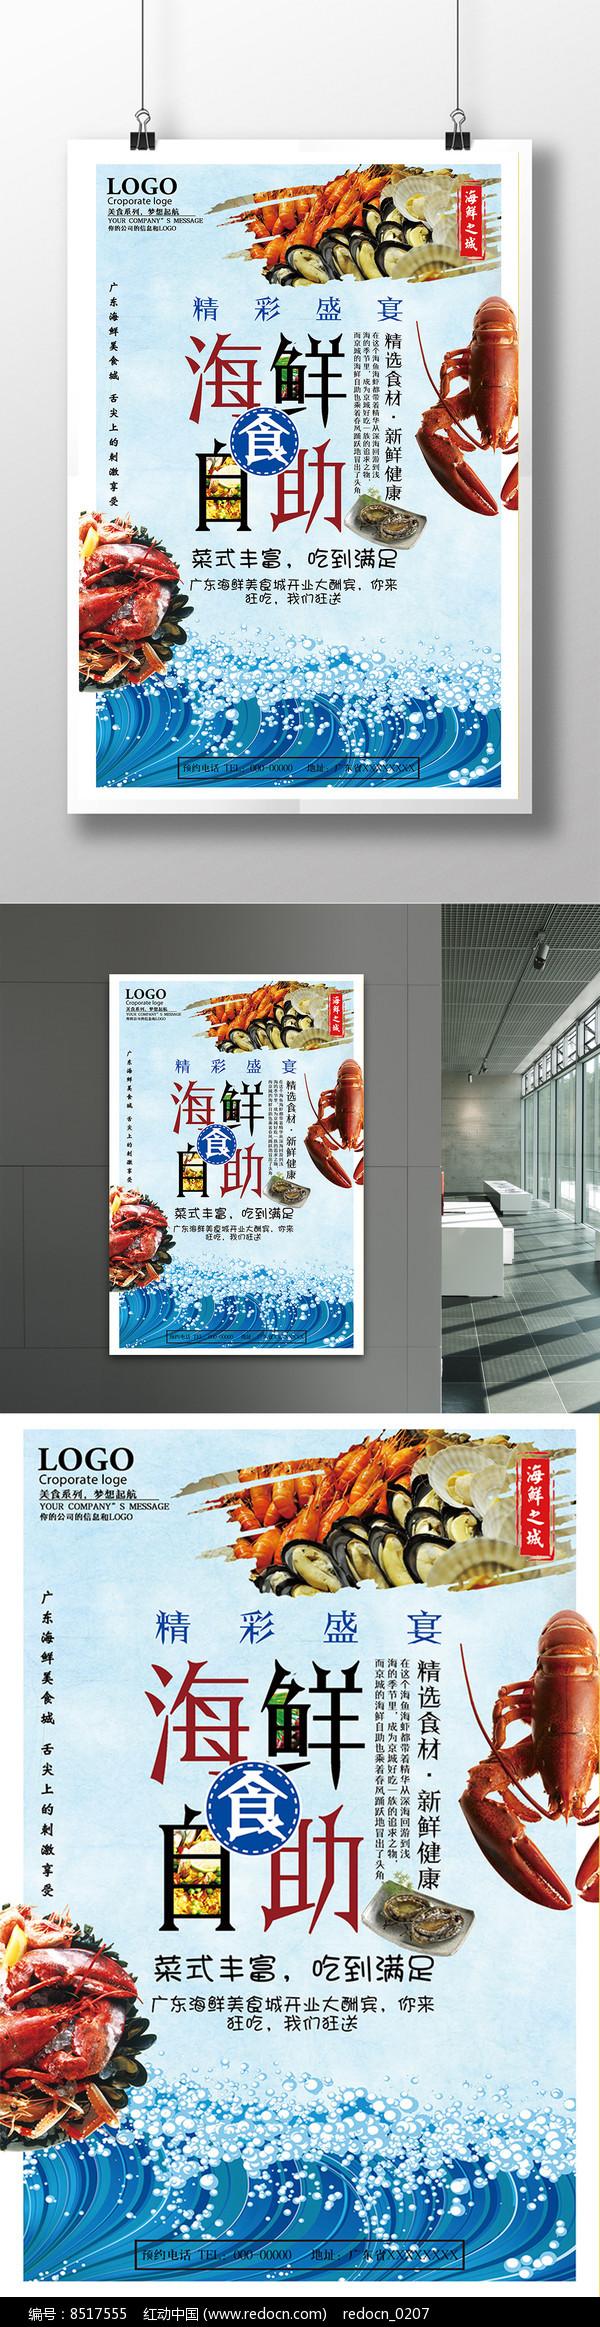 海鲜自助海报图片